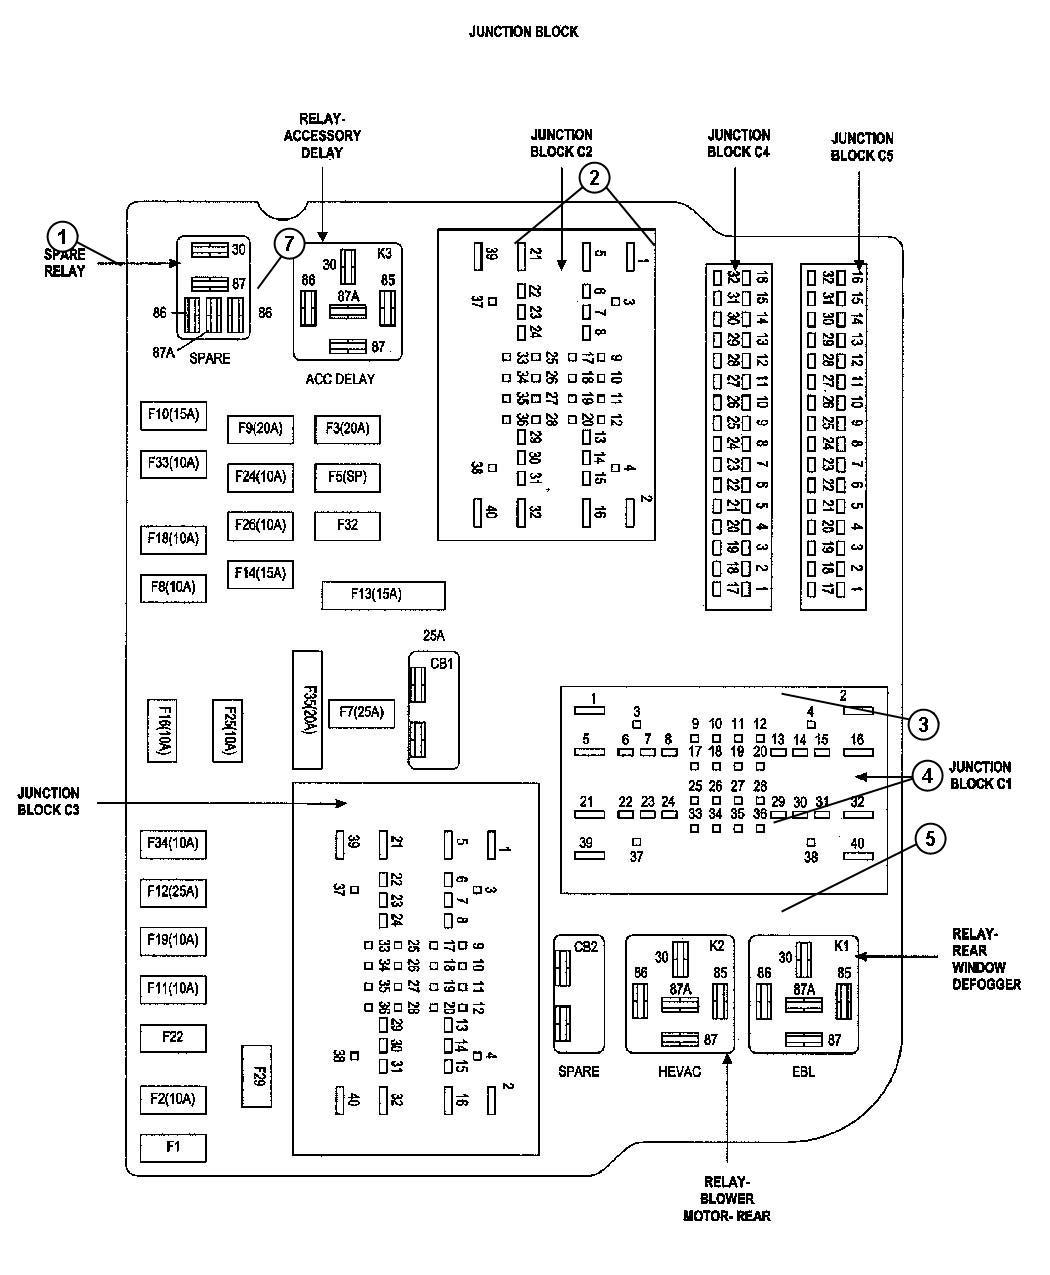 hight resolution of 2007 chrysler aspen fuse diagram wiring library detailed2008 chrysler aspen fuse diagram data wiring diagram 2007